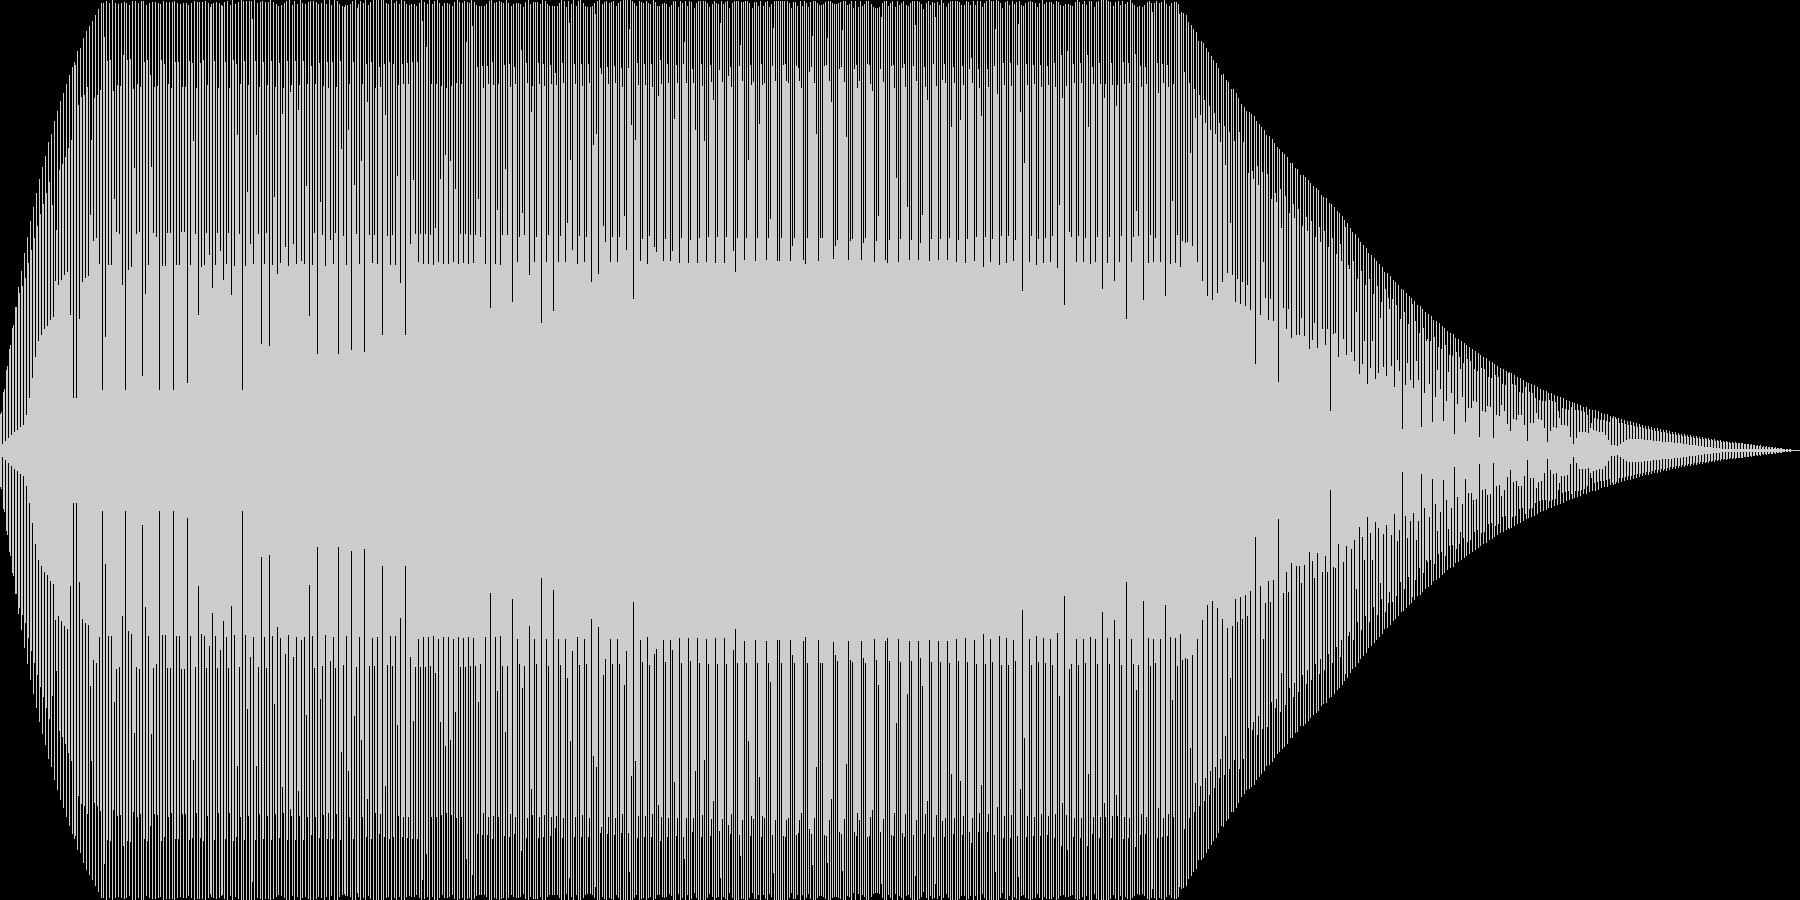 ニャー(猫 電子音 赤子)の未再生の波形